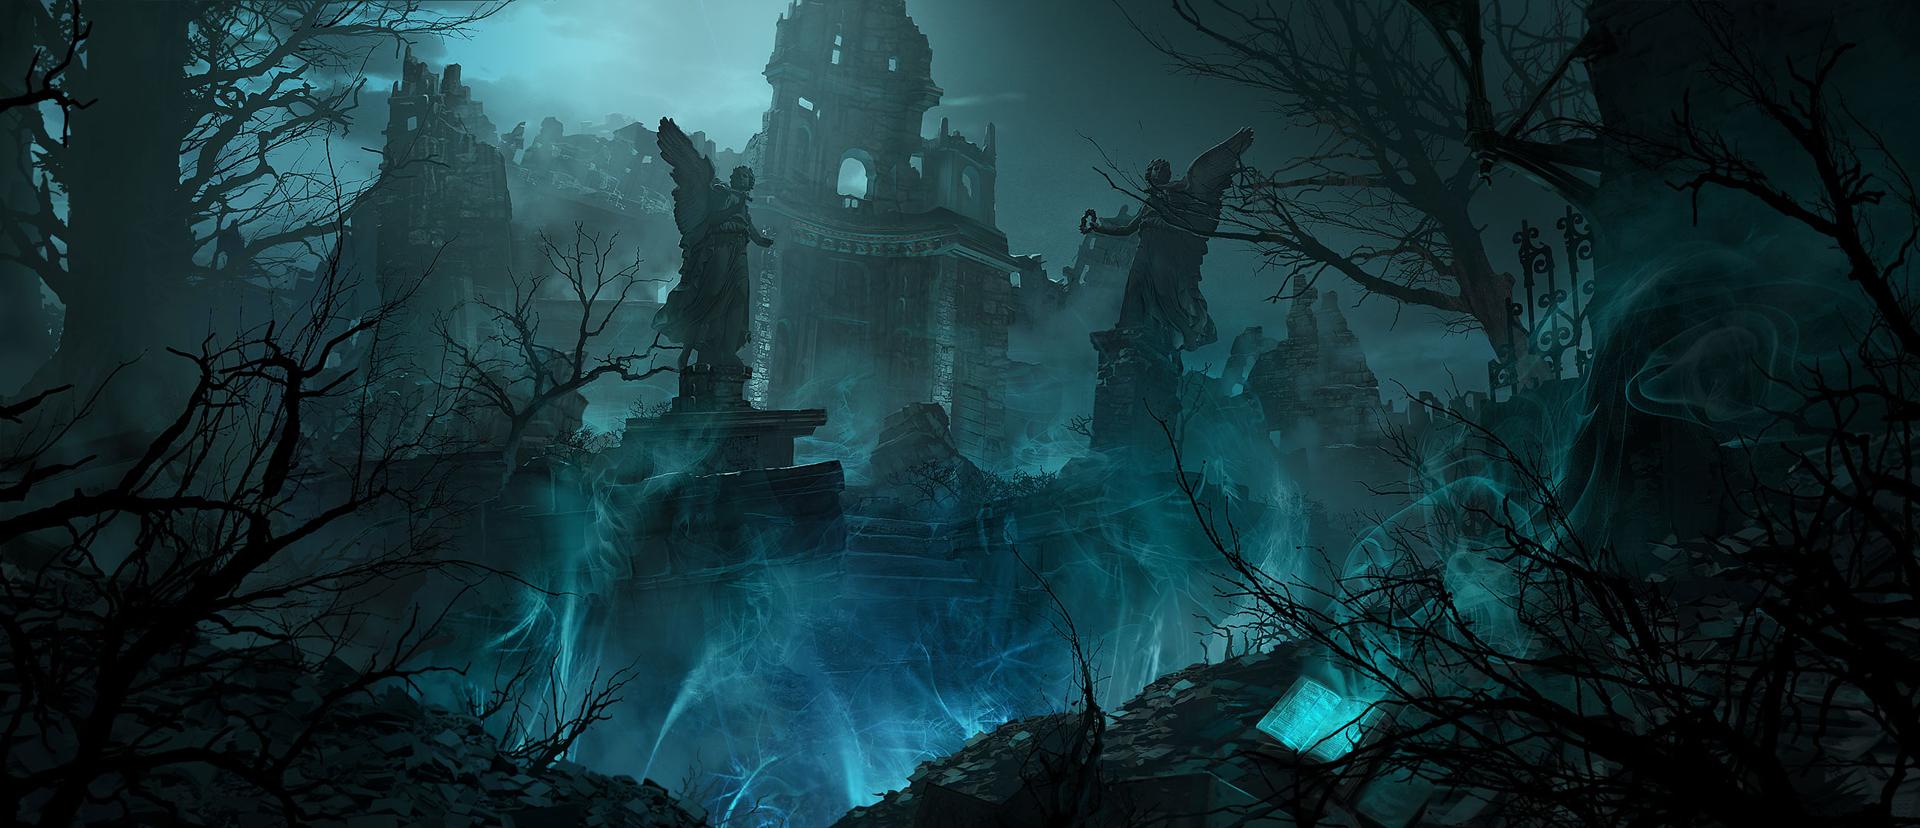 fantasmas muito lokos